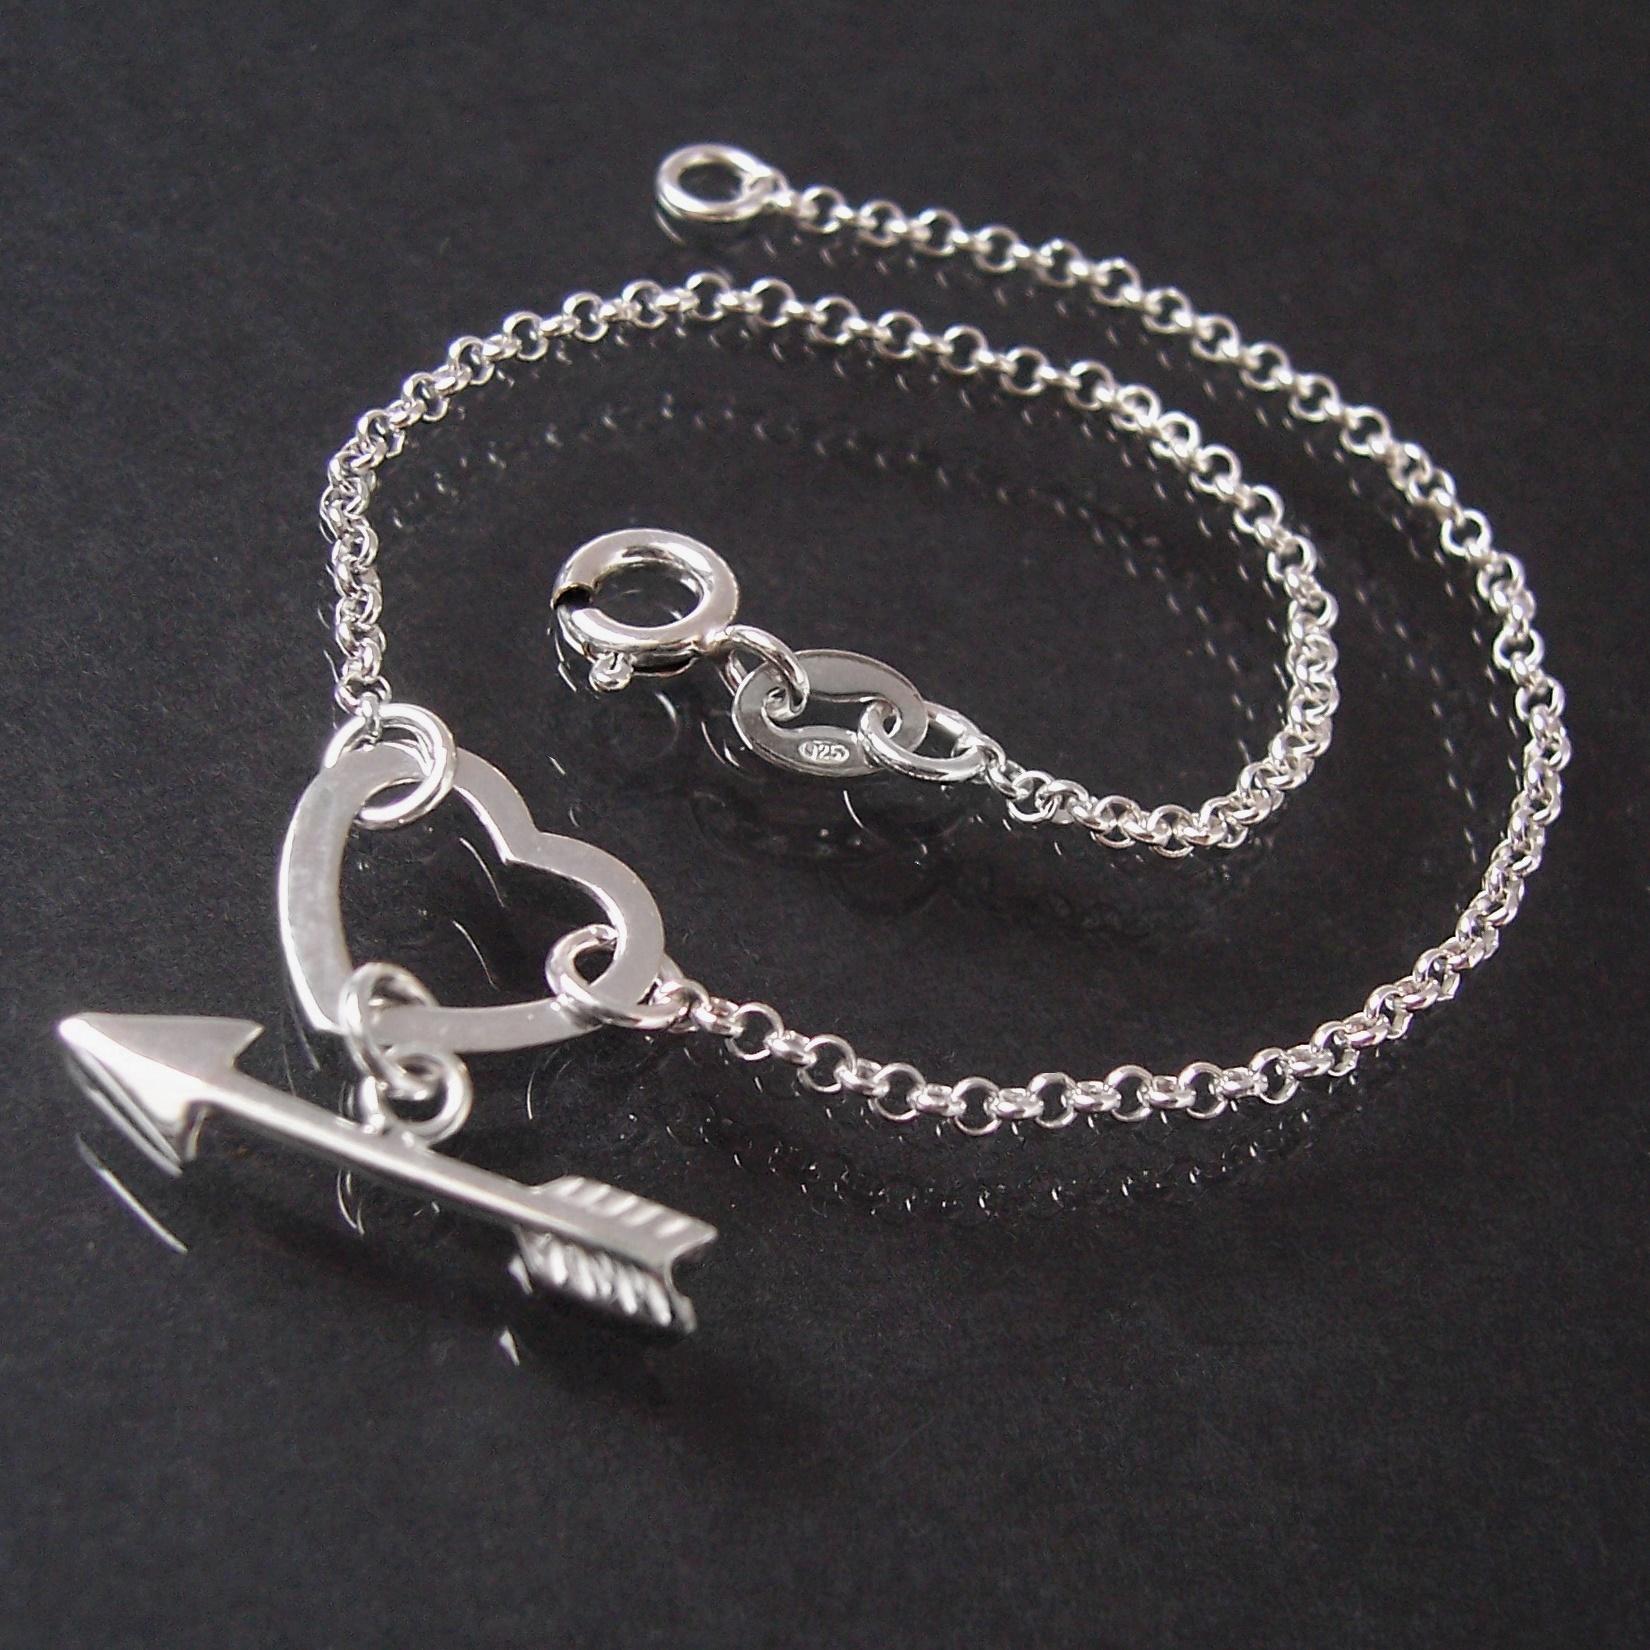 Armband Armkette 925 Silber Ankerkette Herz Amors Pfeil 19cm 15220-19